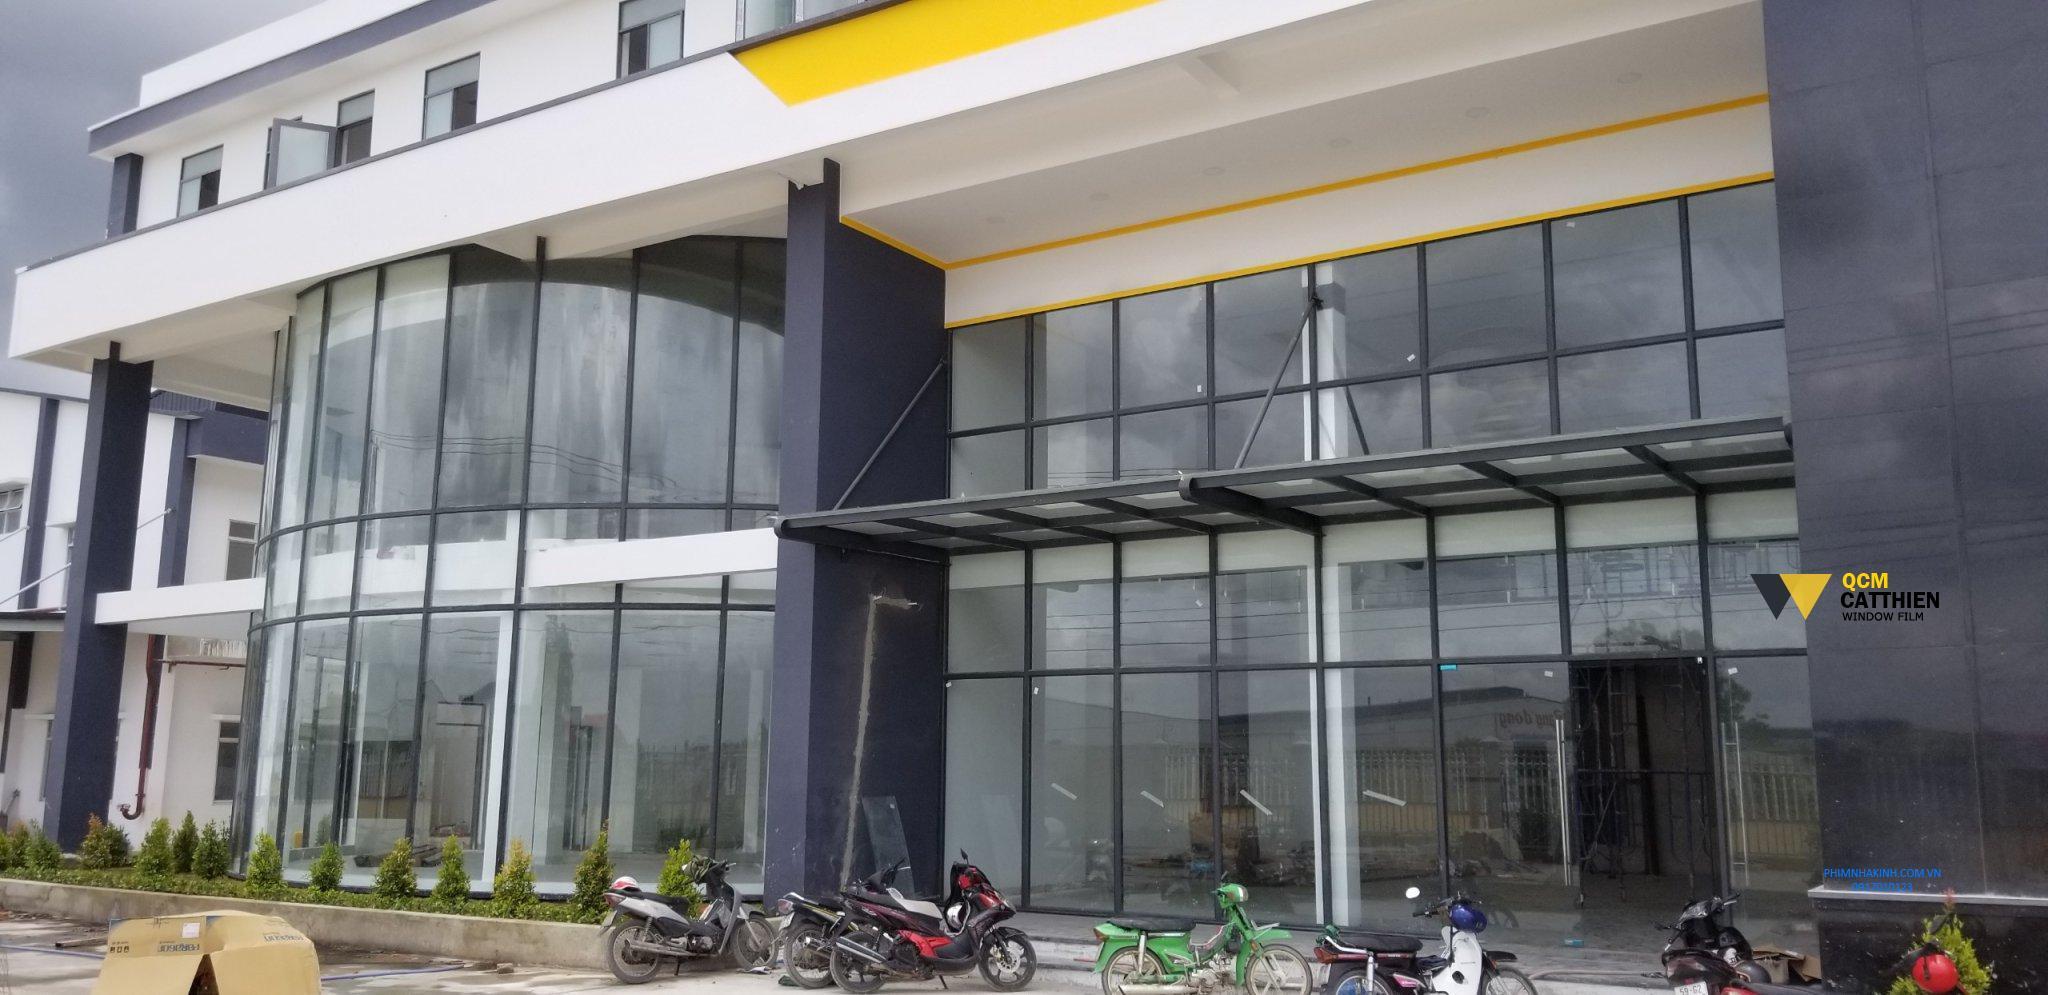 Thi công phim cách nhiệt cho Tòa nhà VP Công ty Nam Hưng, KCN Tân Đô, Long An